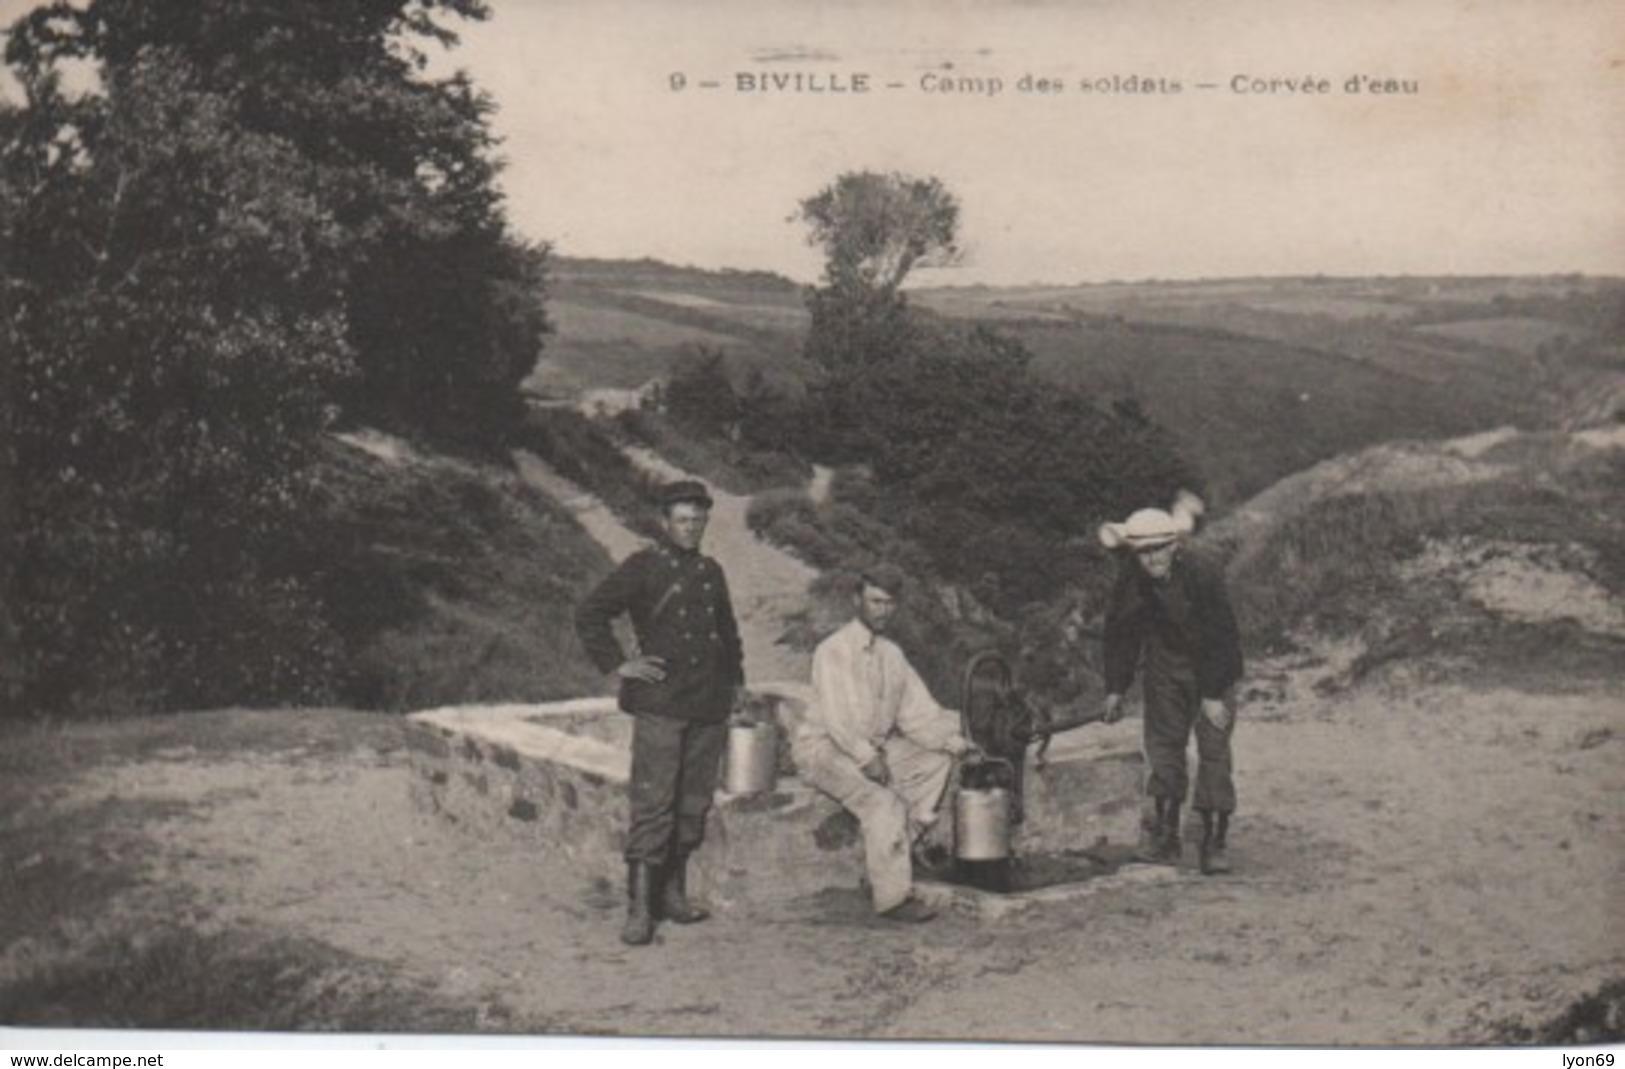 BIVILLE  CAMP DES SOLDATS CORVEE D EAU - France